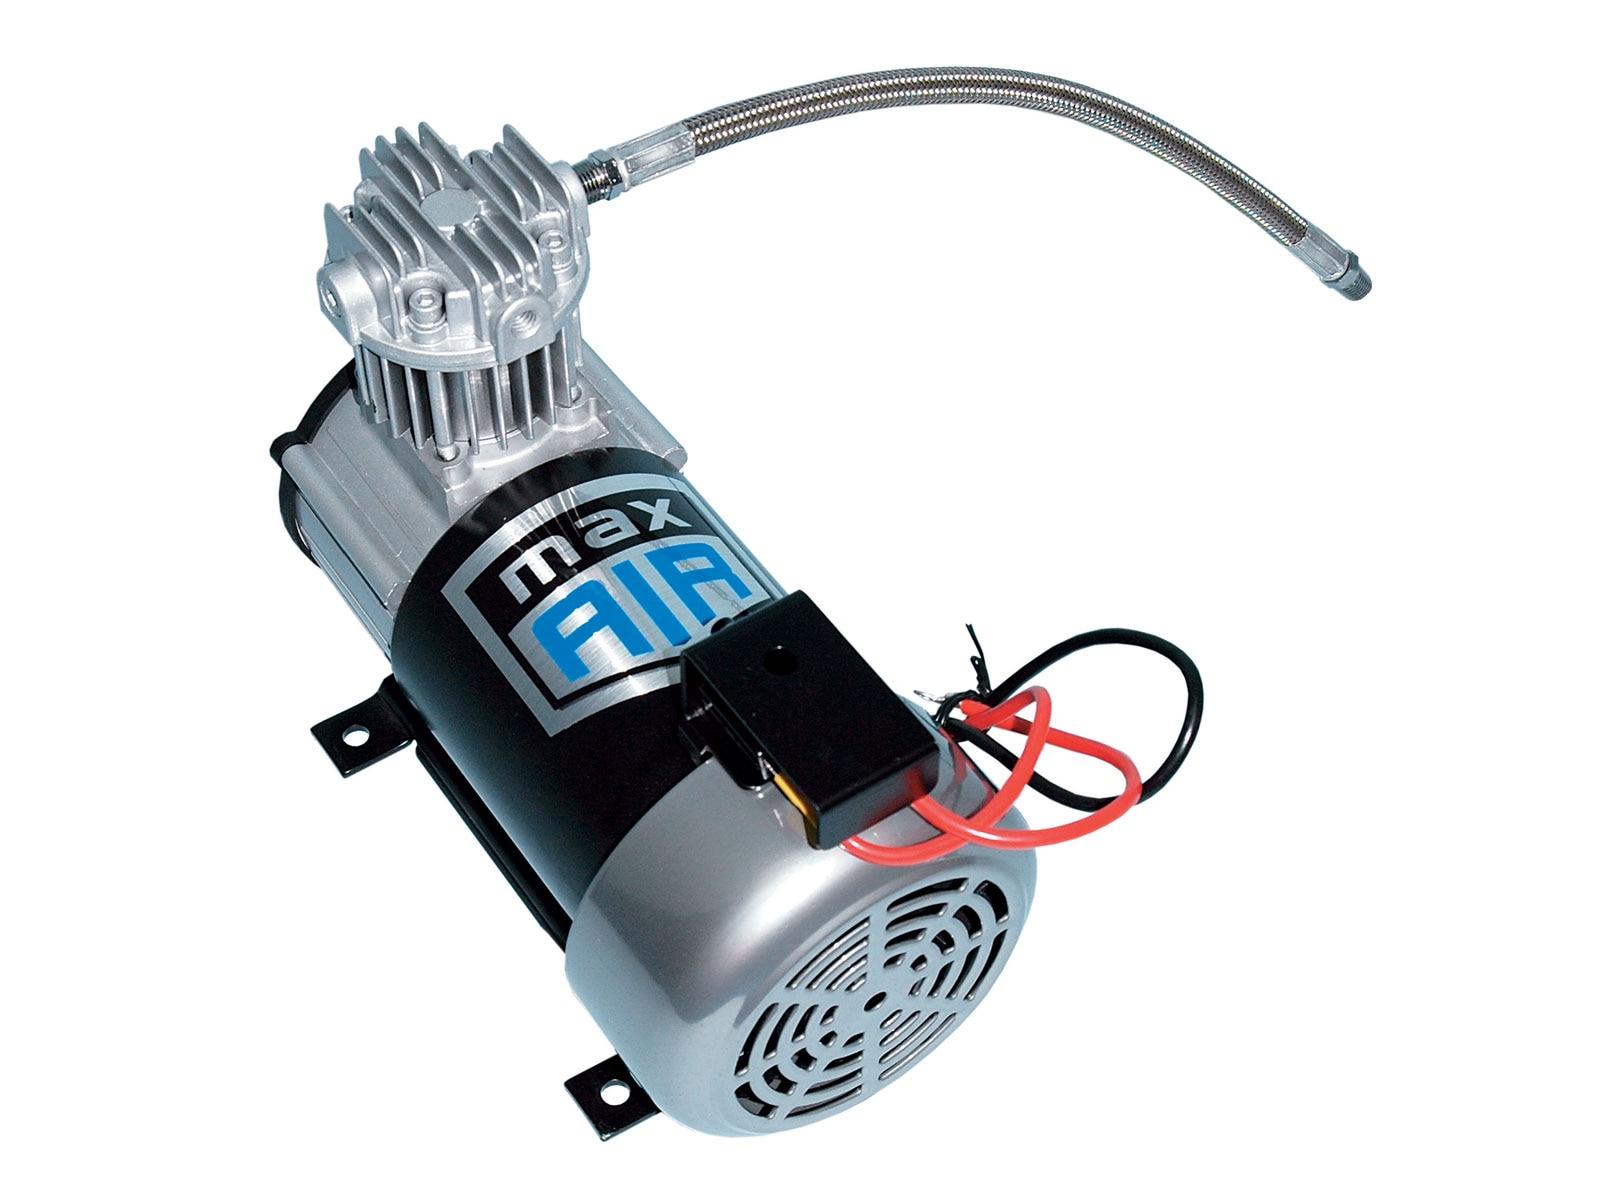 Nissan Of Elk Grove >> Air Compressor Basics - Carbon Dioxide Tanks - 8-Lug Magazine